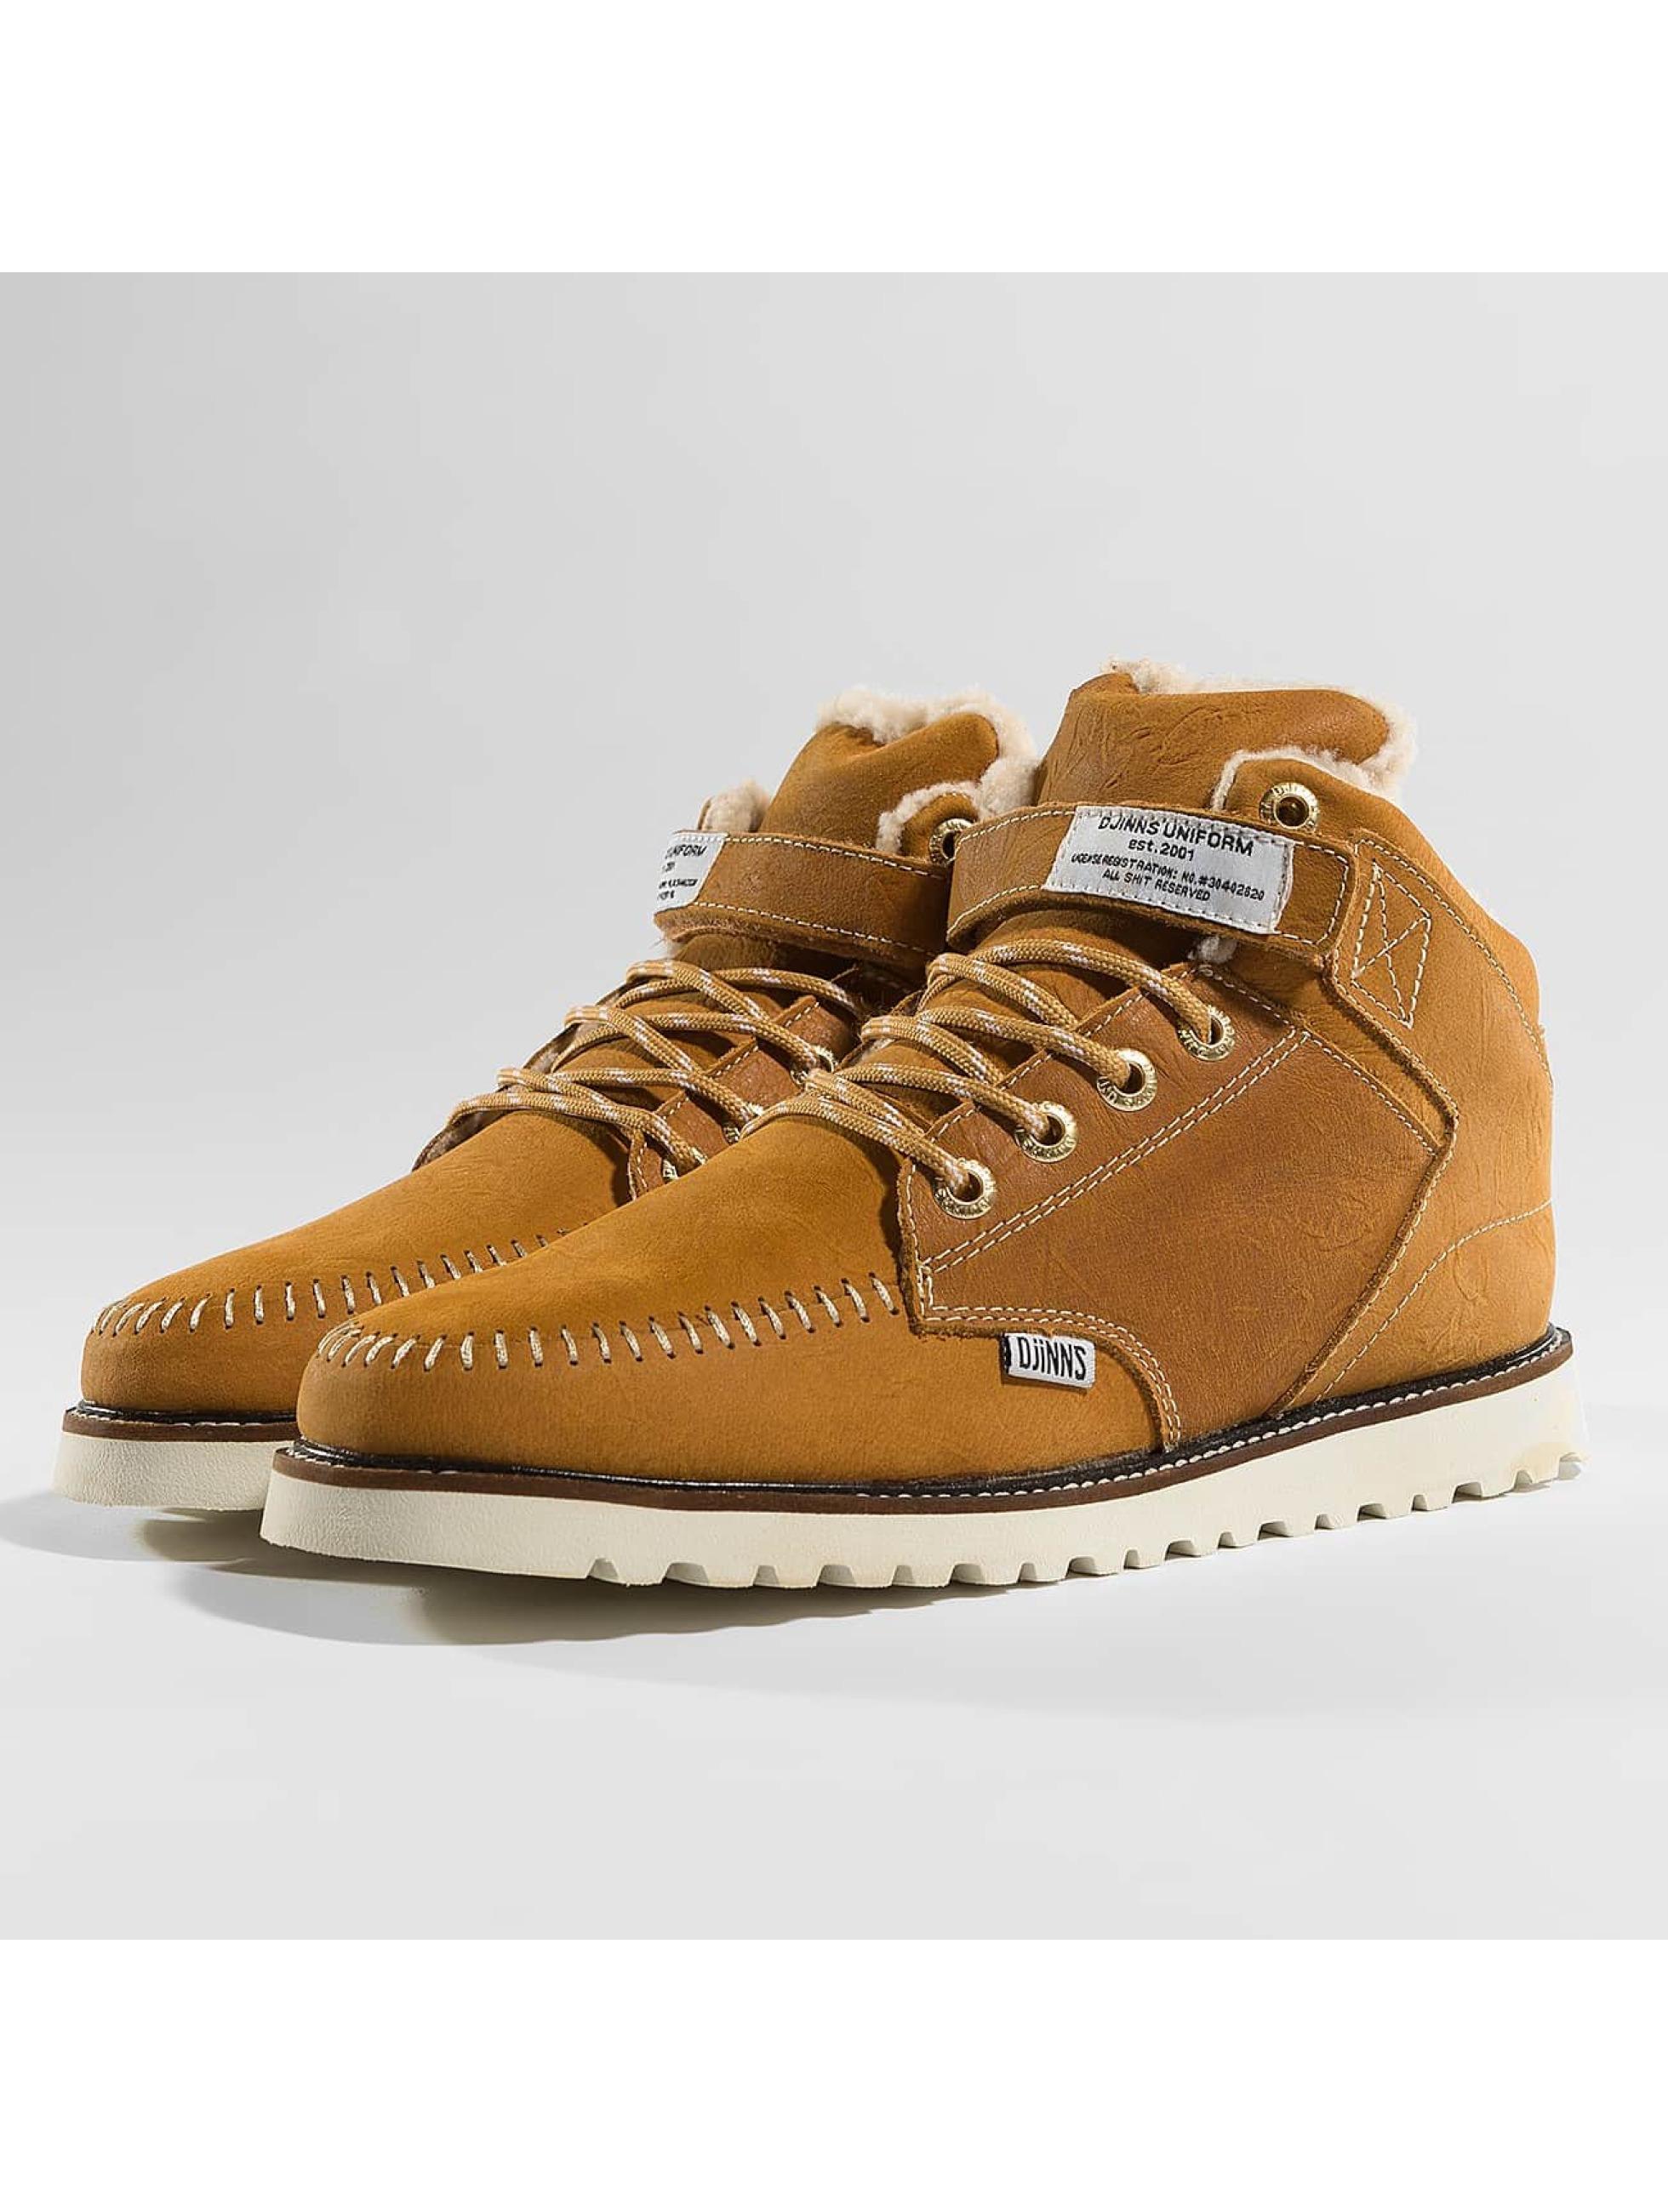 453845 Djinns Wunk Schoen Boots Fur Deff In Bruin B0aBnxqw